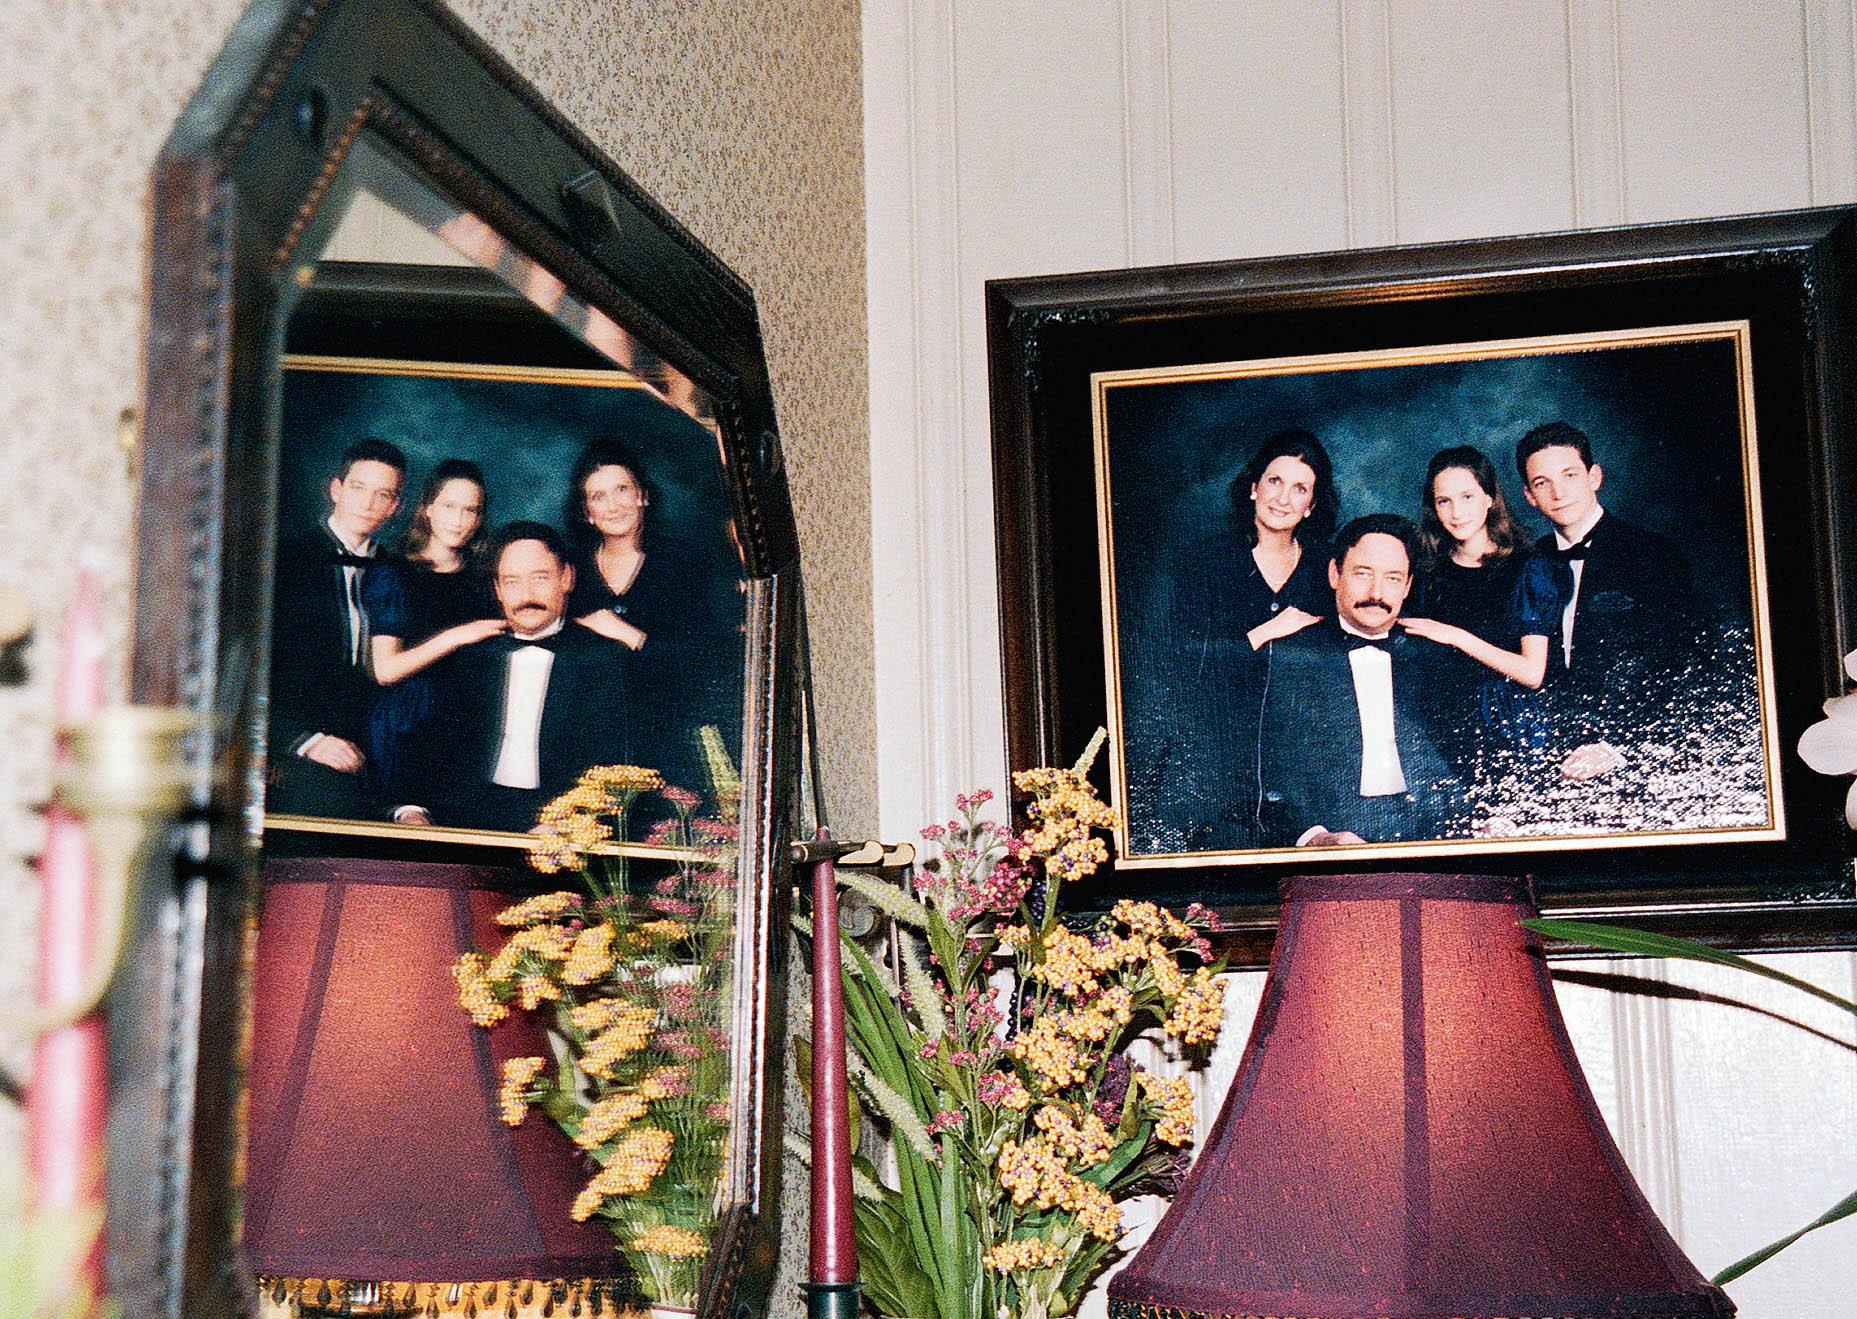 Свою серию «Порознь/вместе» одвух мирах, вкоторых обитали ее родители, фотограф Кэти Шапиро начала снимать, когда они отпраздновали 35-ю годовщину свадьбы. Спустя пять лет они развелись.